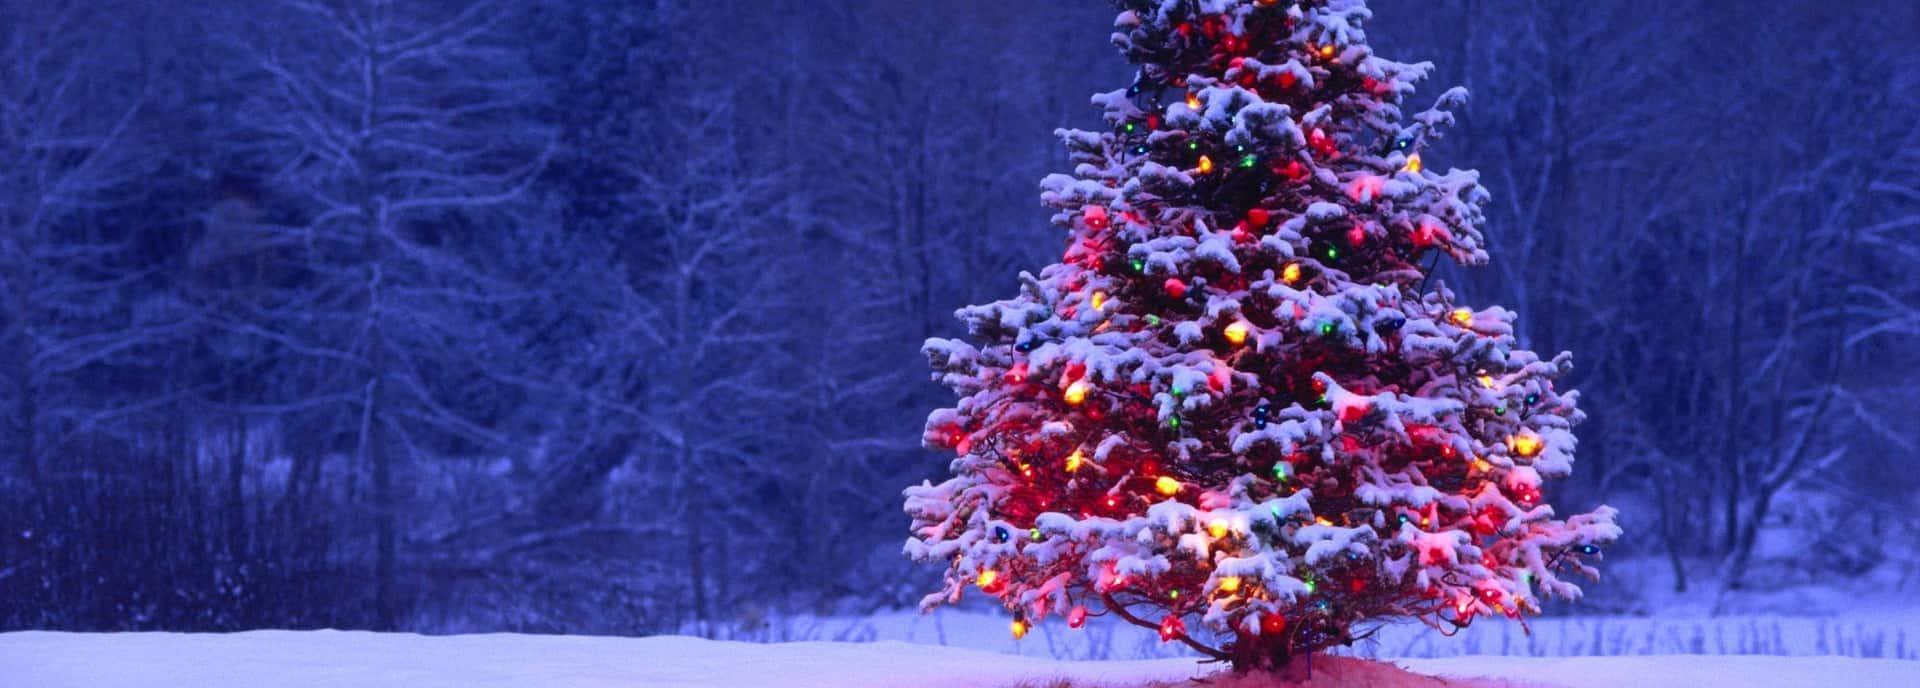 Leerlingen, docenten, solisten en ensembles van Scala presenteren een online kerstconcert vanuit Theater De Tamboer.